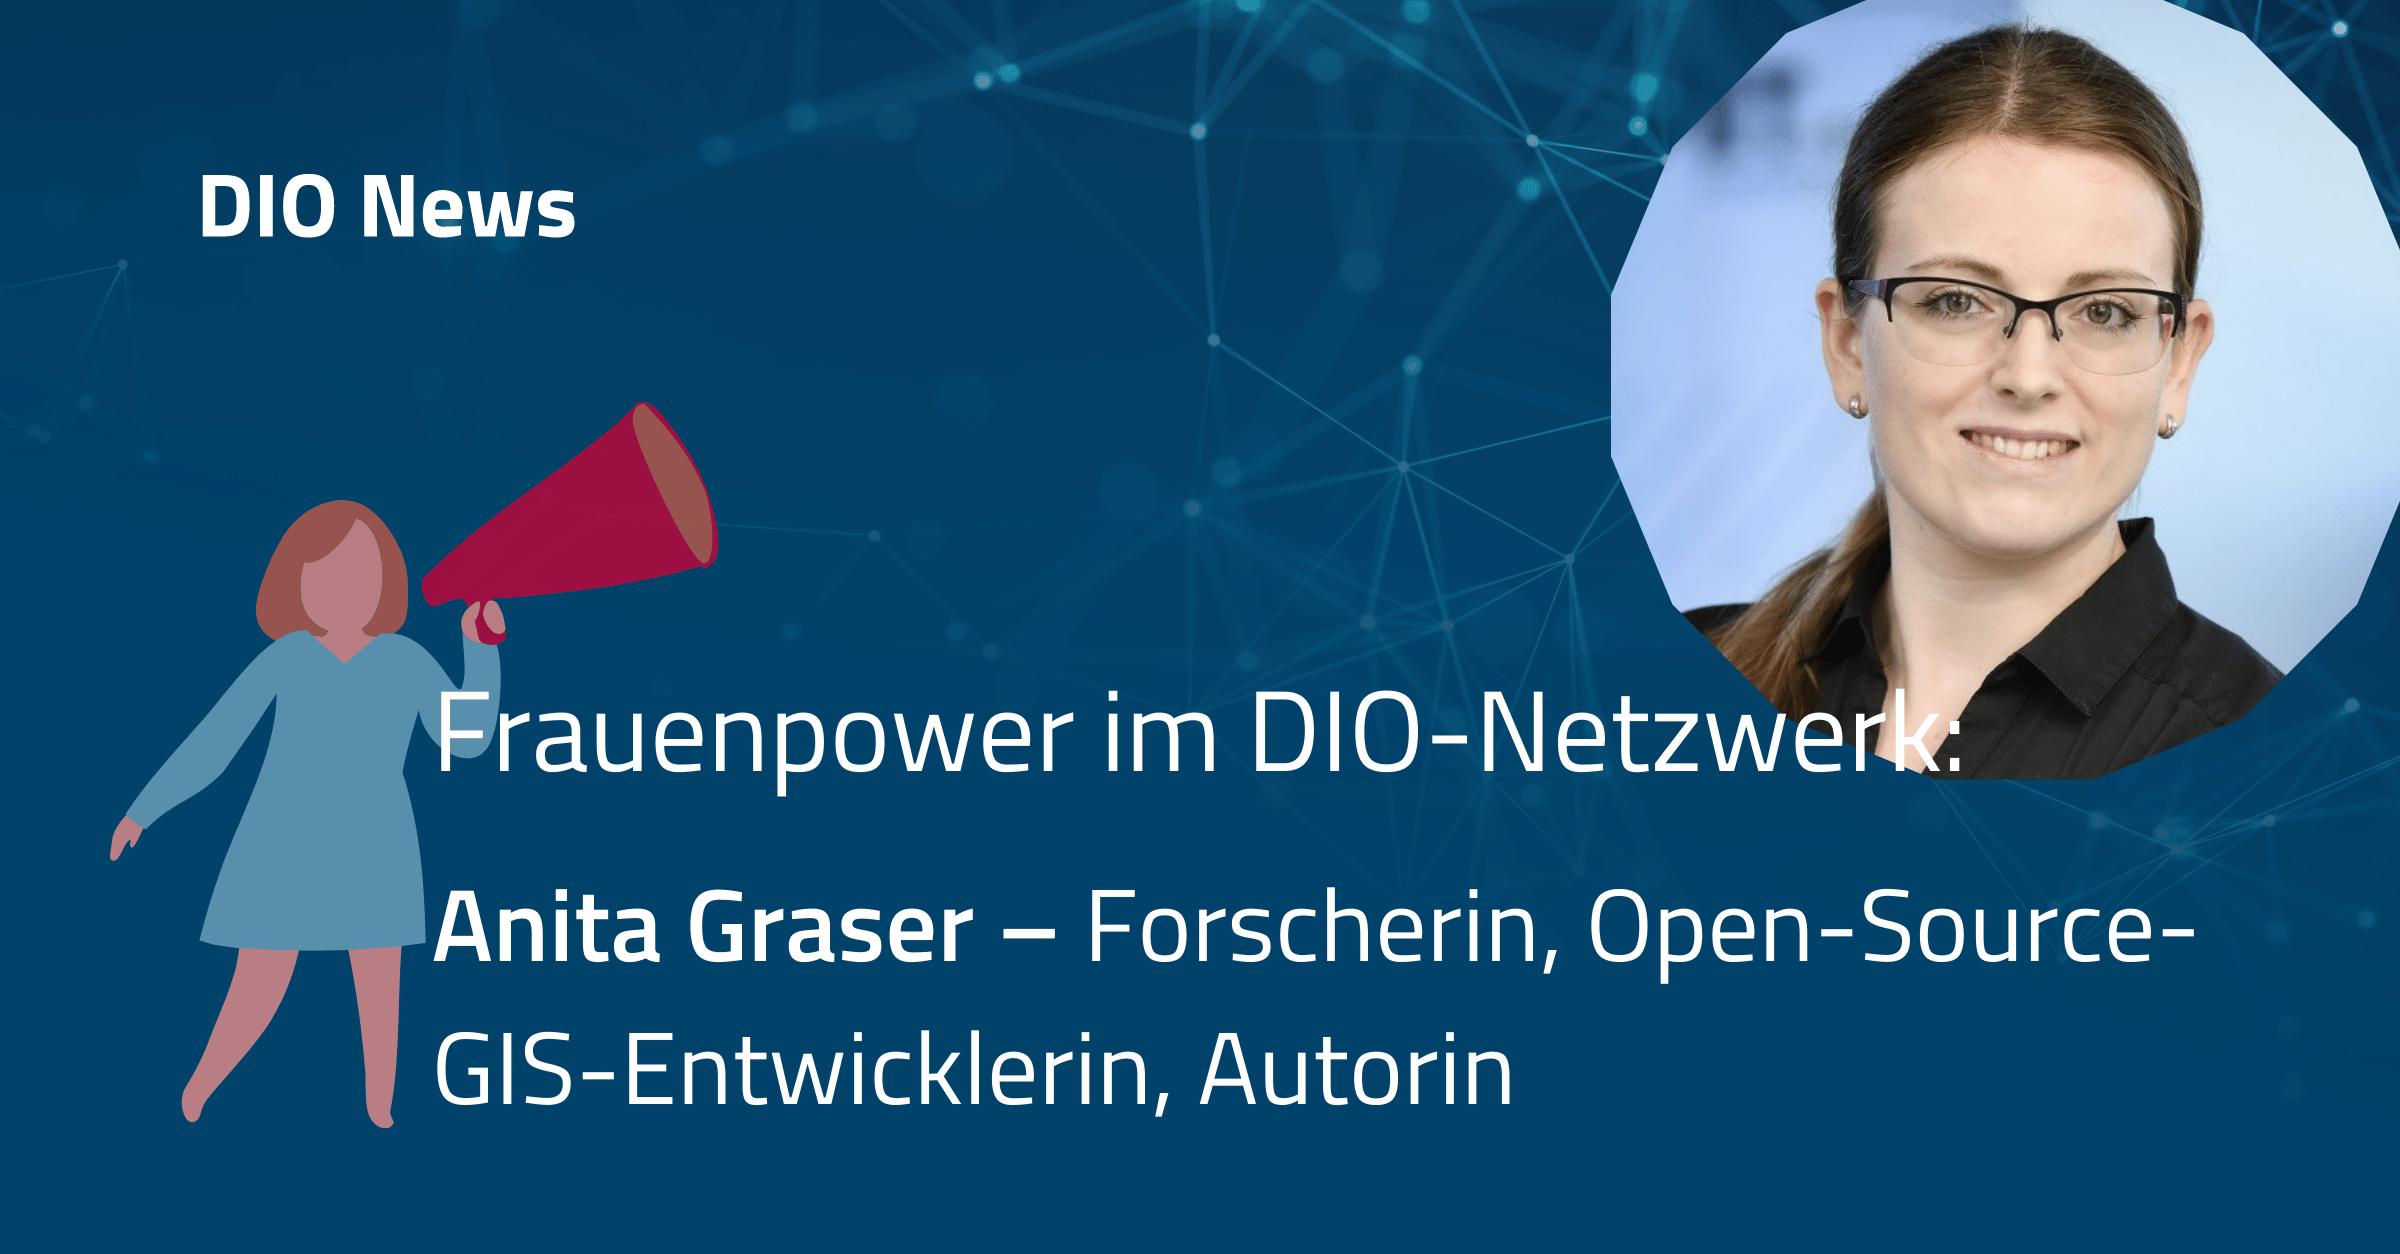 Anita Graser: Forscherin, Open-Source-GIS-Entwicklerin und Autorin